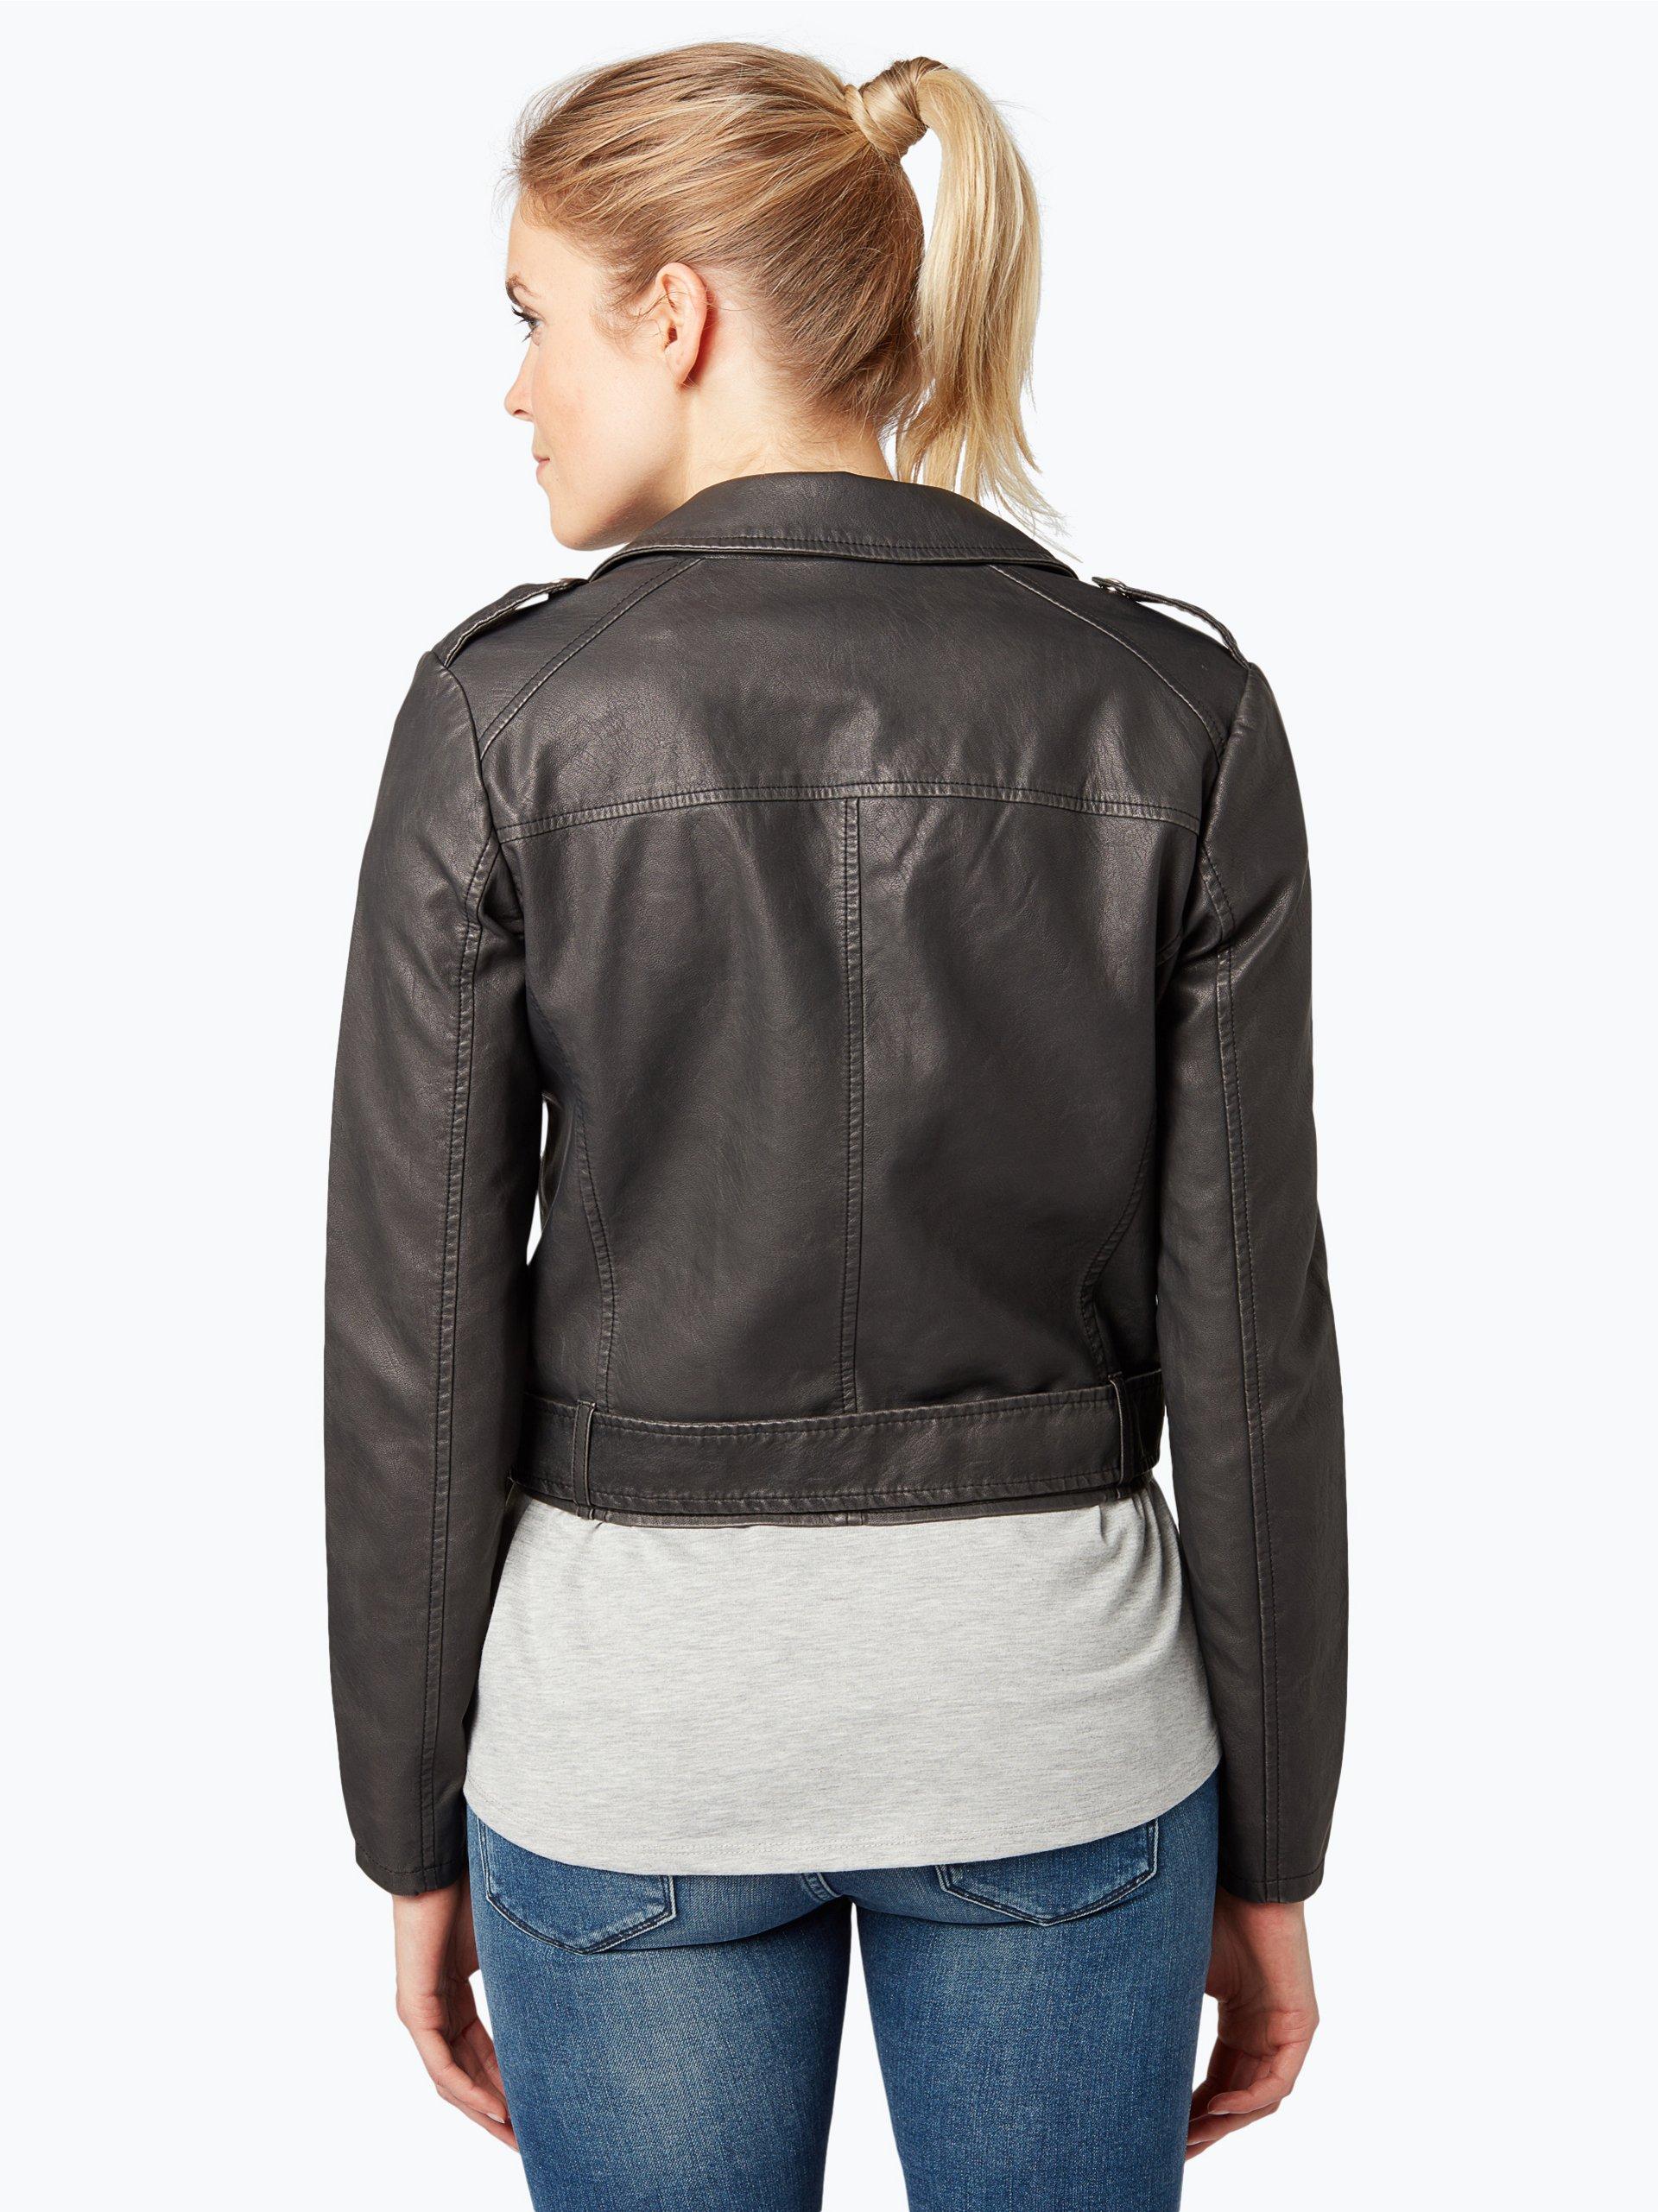 ONLY Damen Jacke in Leder-Optik - Luna